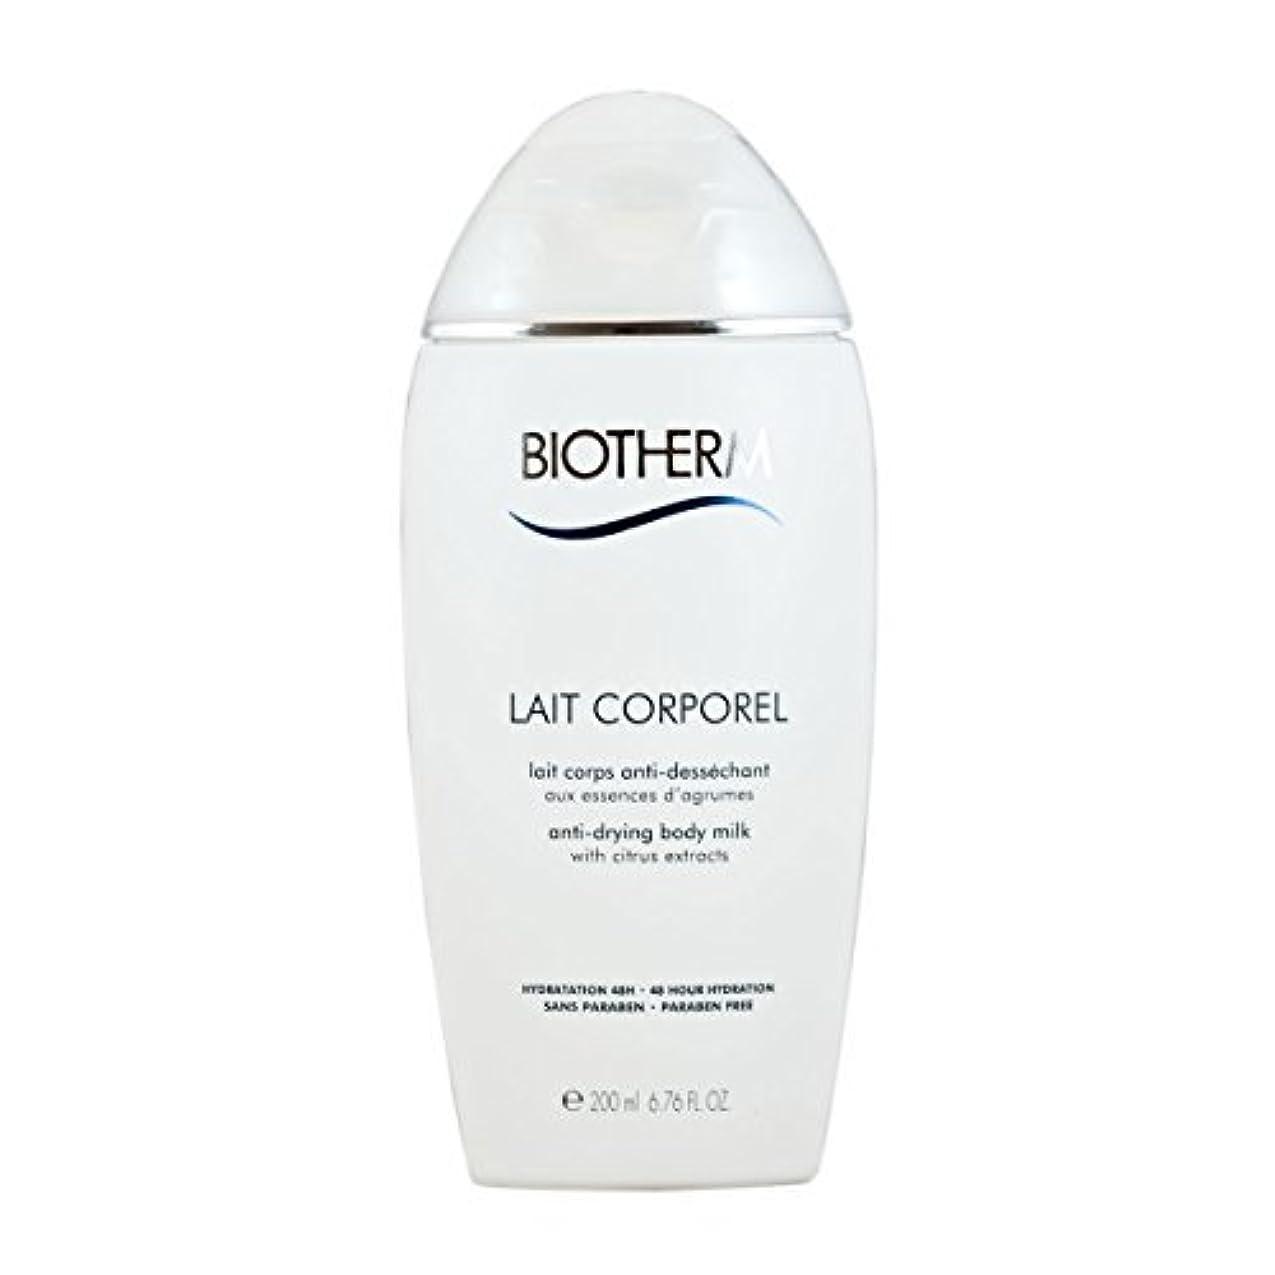 アッパーヘルパーシャーBiotherm Lait Corporel Anti-Drying Body Milk 6.76 Ounce [並行輸入品]